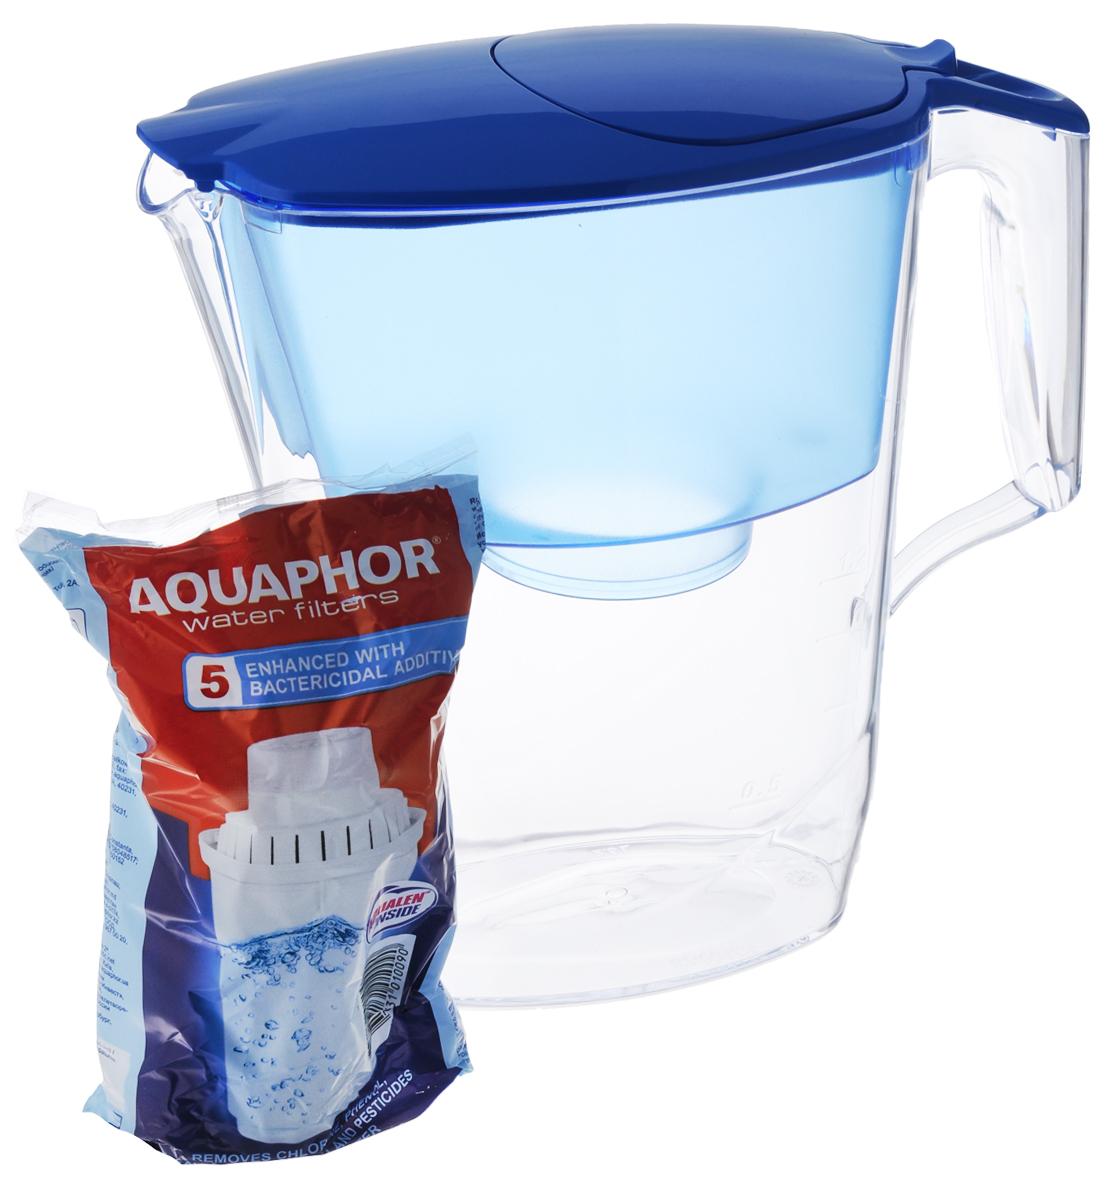 Фильтр-кувшин для воды Аквафор Ультра, цвет: прозрачный, голубой, 2,5 лВетерок 2ГФФильтр-кувшин Аквафор Ультра позволяет иметь под рукой довольно большое количество очищенной воды, готовой к использованию. Объем кувшина - 2,5 л, объем воронки - 1,1 л. Используется универсальный сменный фильтрующий модуль В100-5, усиленный бактерицидной добавкой. Компания Аквафор создавалась как высокотехнологическая производственная фирма, охватывающая все стадии создания продукции от научных и конструкторских разработок до изготовления конечной продукции. Основное правило Аквафор - стабильно высокое качество продукции и высокие технологии, поэтому техническое обновление производства происходит каждые 3-4 года, для чего покупаются новые модели машин и аппаратов.Собственное производство уникальных сорбентов и постоянный контроль на всех этапах производства позволяют Аквафору выпускать высококачественный продукт, известность которого на рынке быстро растет.Материал: пластик.Общий размер фильтр-кувшина: 25 х 10 х 24,5 см.Комплектация: кувшин, воронка, крышка с носиком, 1 картридж B100-5. Имеется инструкция по эксплуатации на русском языке.